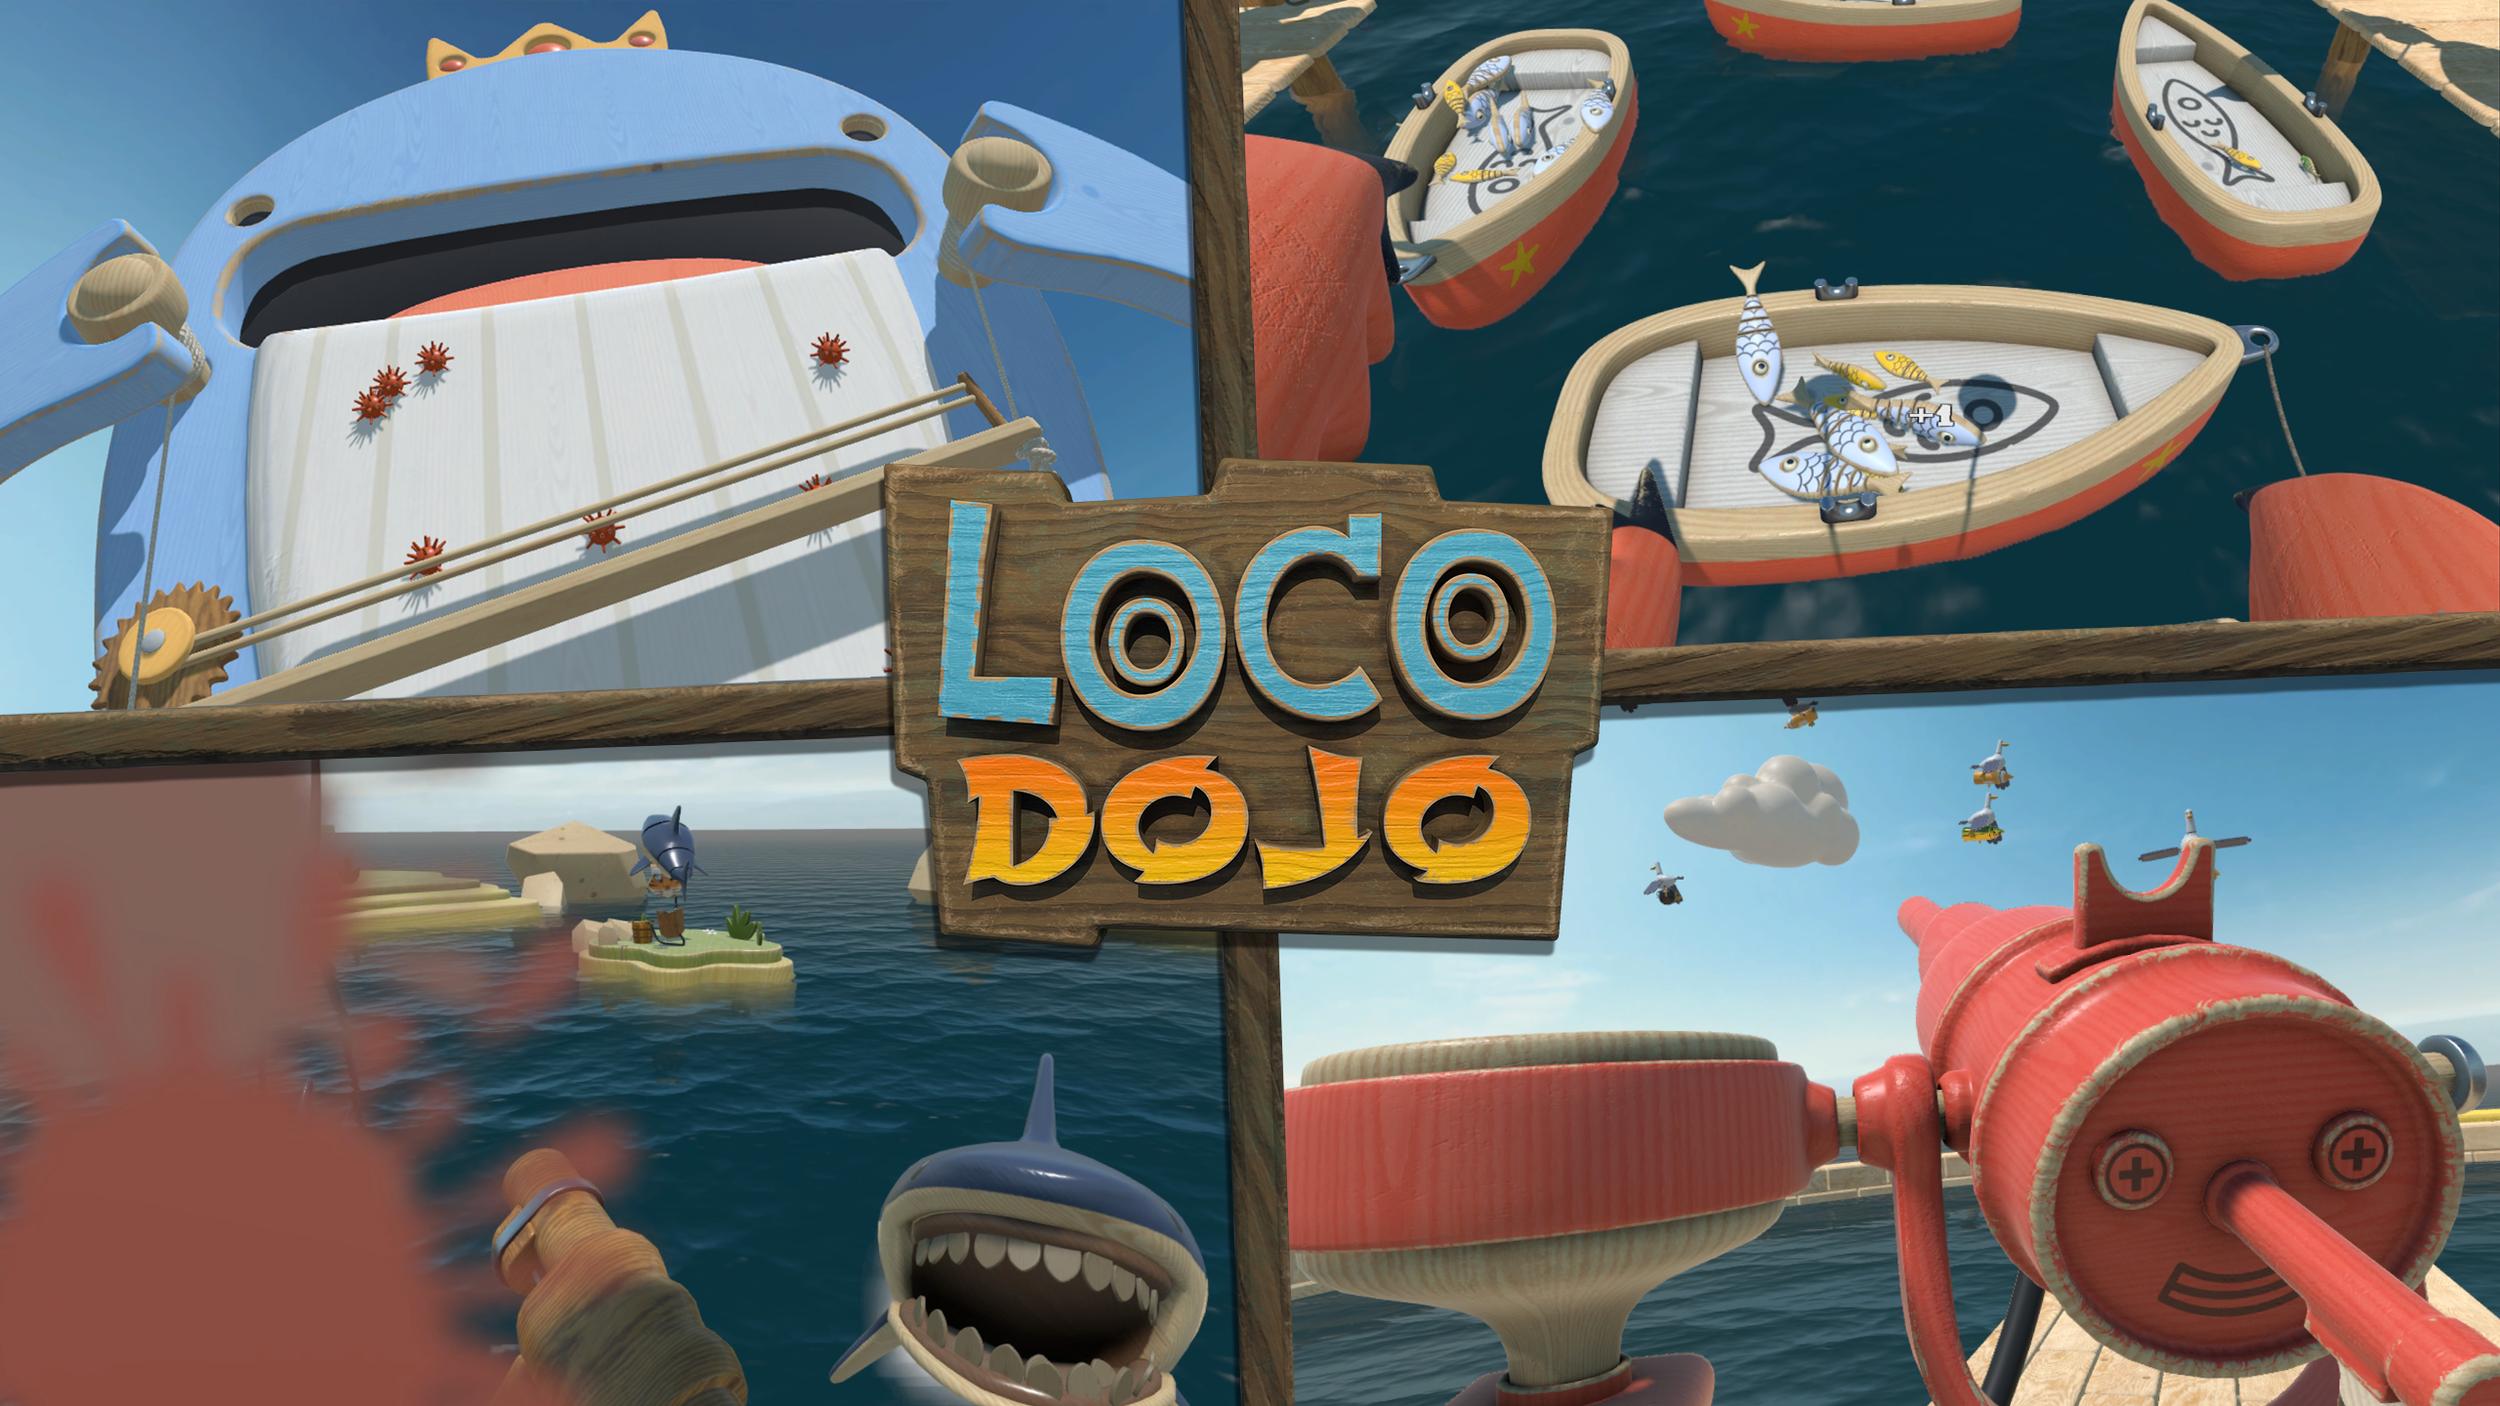 LocoDojoScreenshot_Seaside.png